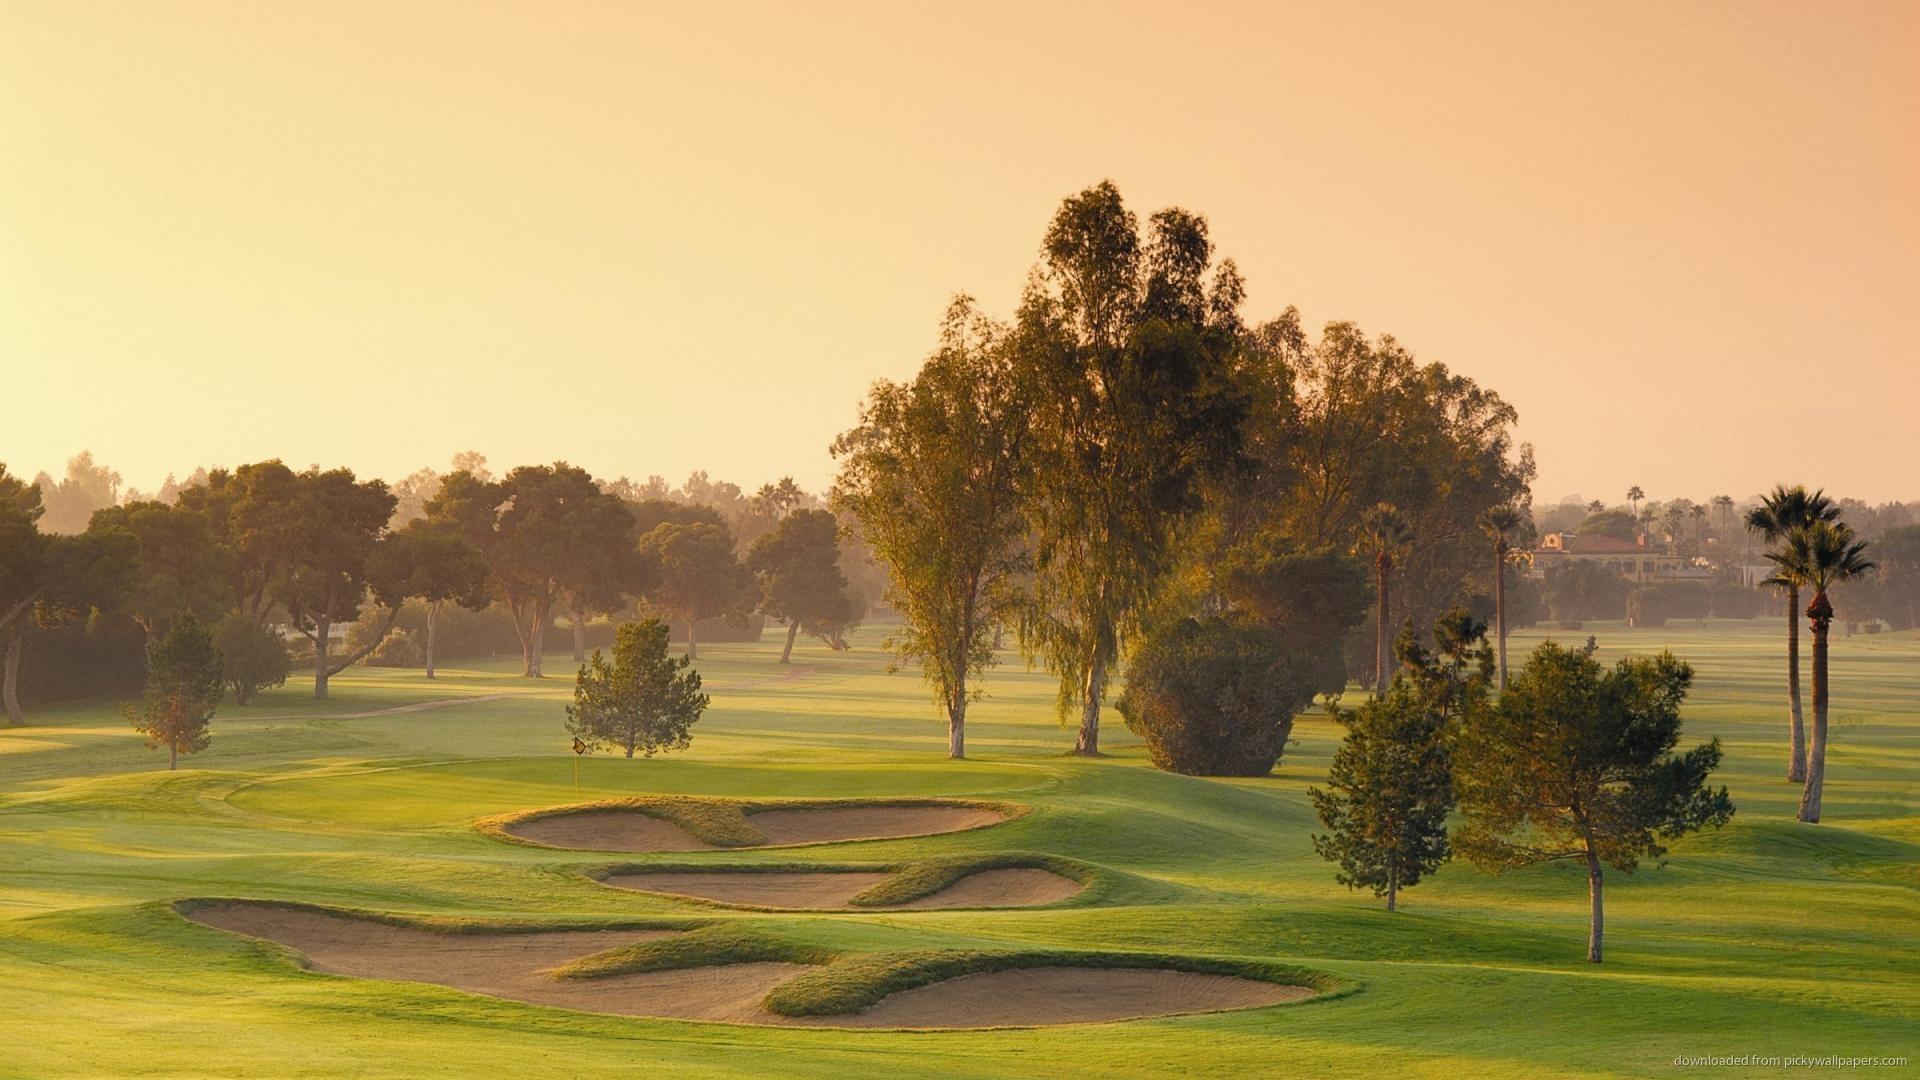 Iphone golf wallpaper 60 images - Golf wallpaper hd ...